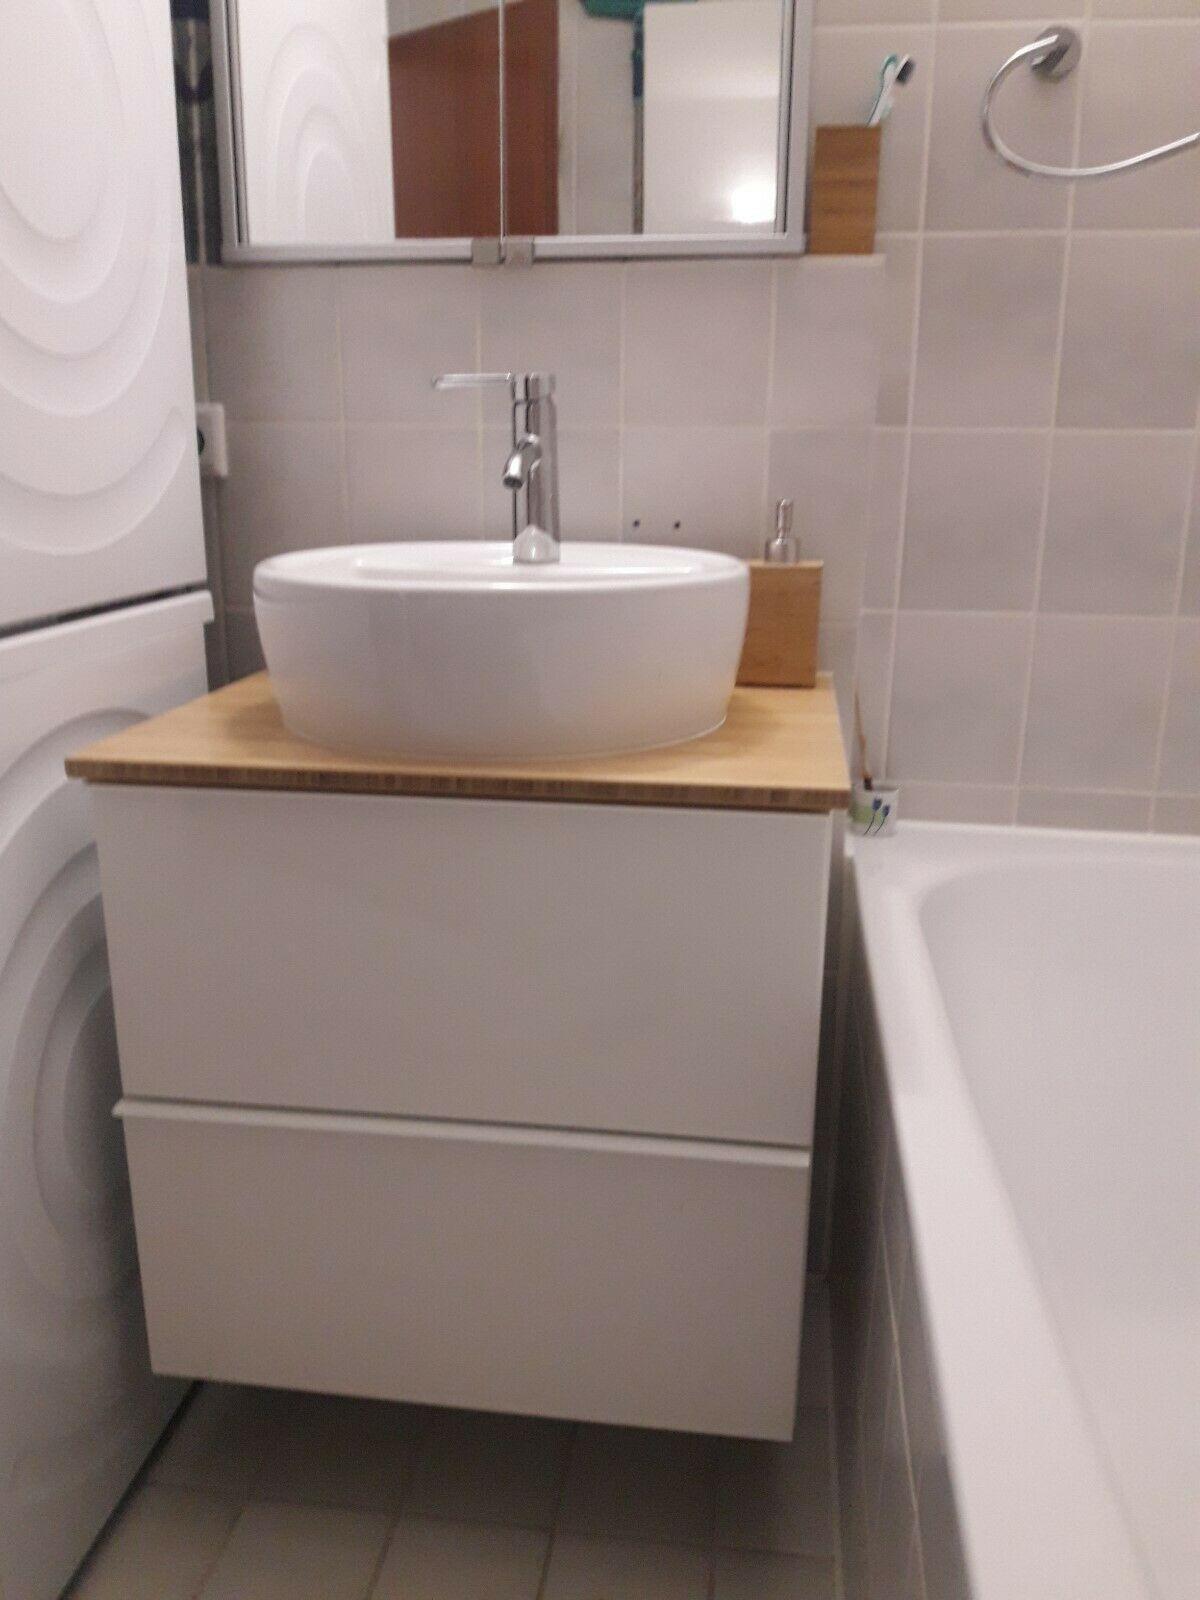 Ikea Waschbeckenunterschrank Mit Waschbecken